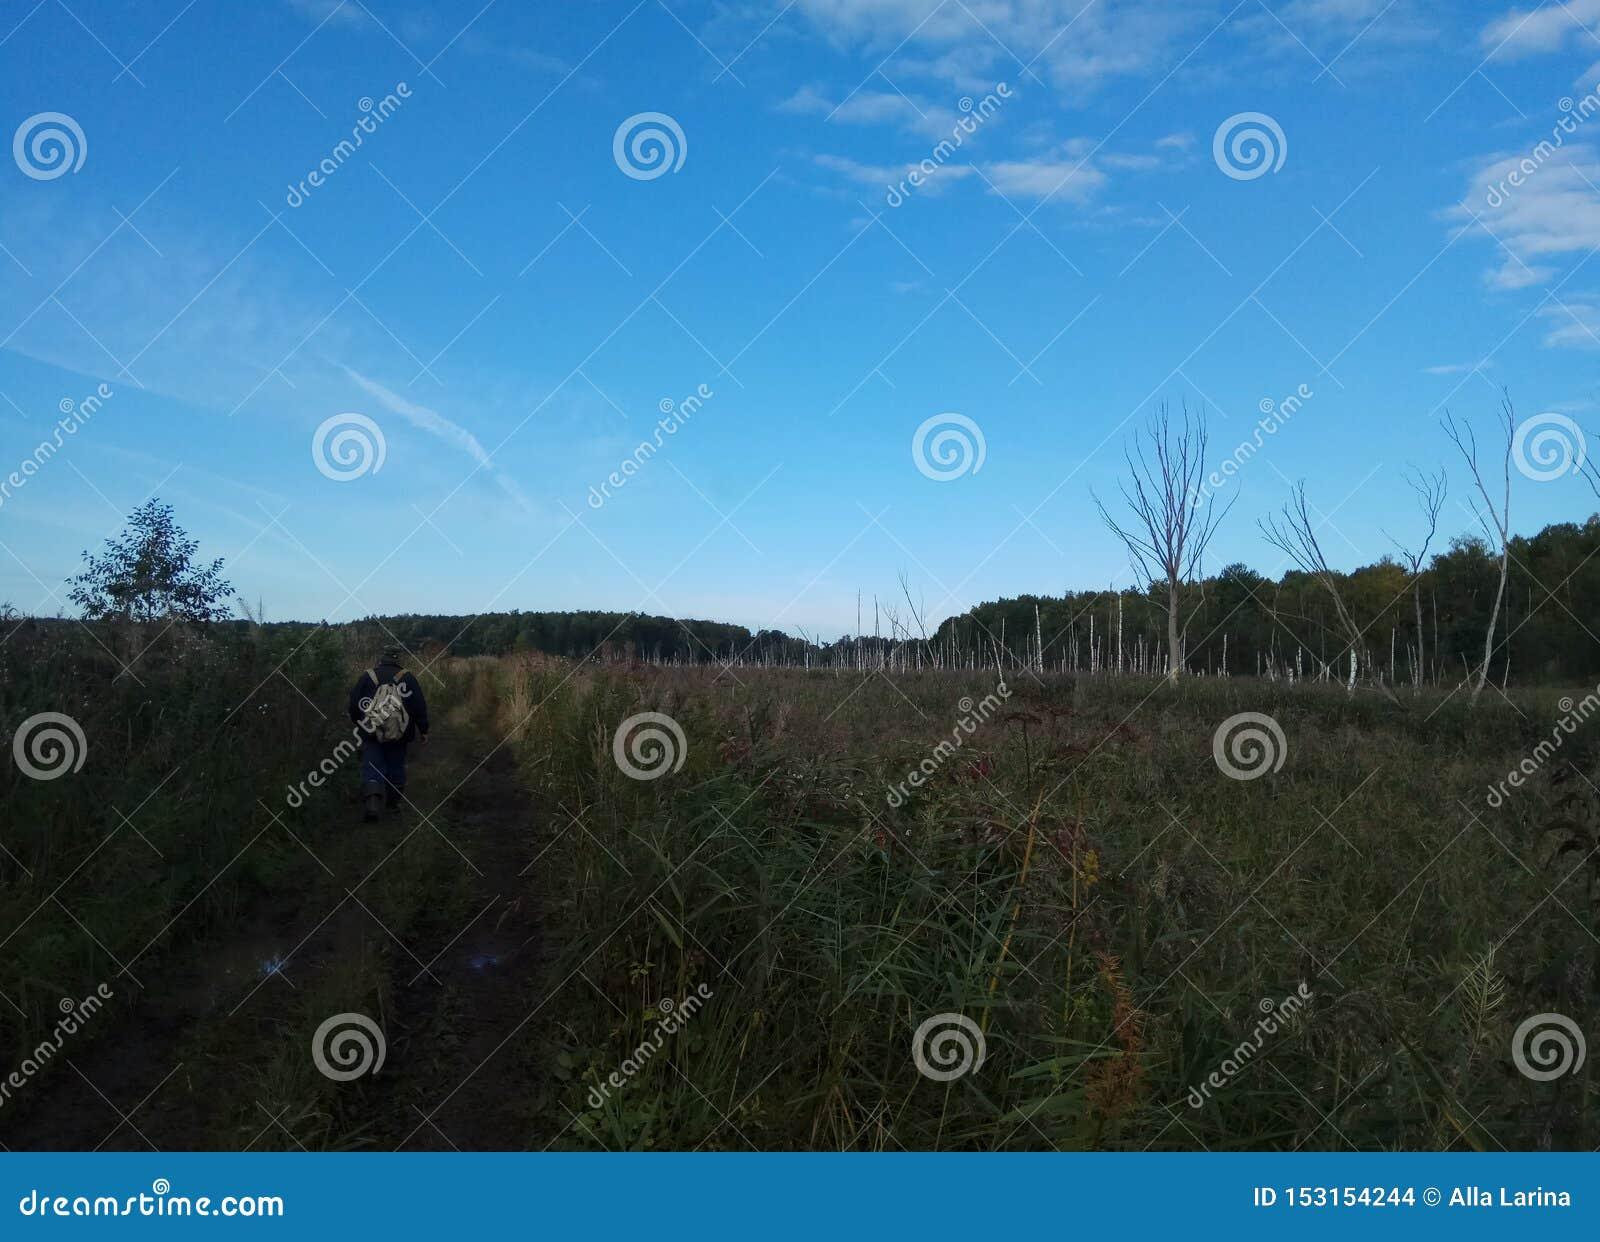 Autunno Paesaggio della foresta Cielo blu ed alberi con le foglie gialle e nessun foglie orizzonte sfondo naturale della Russia